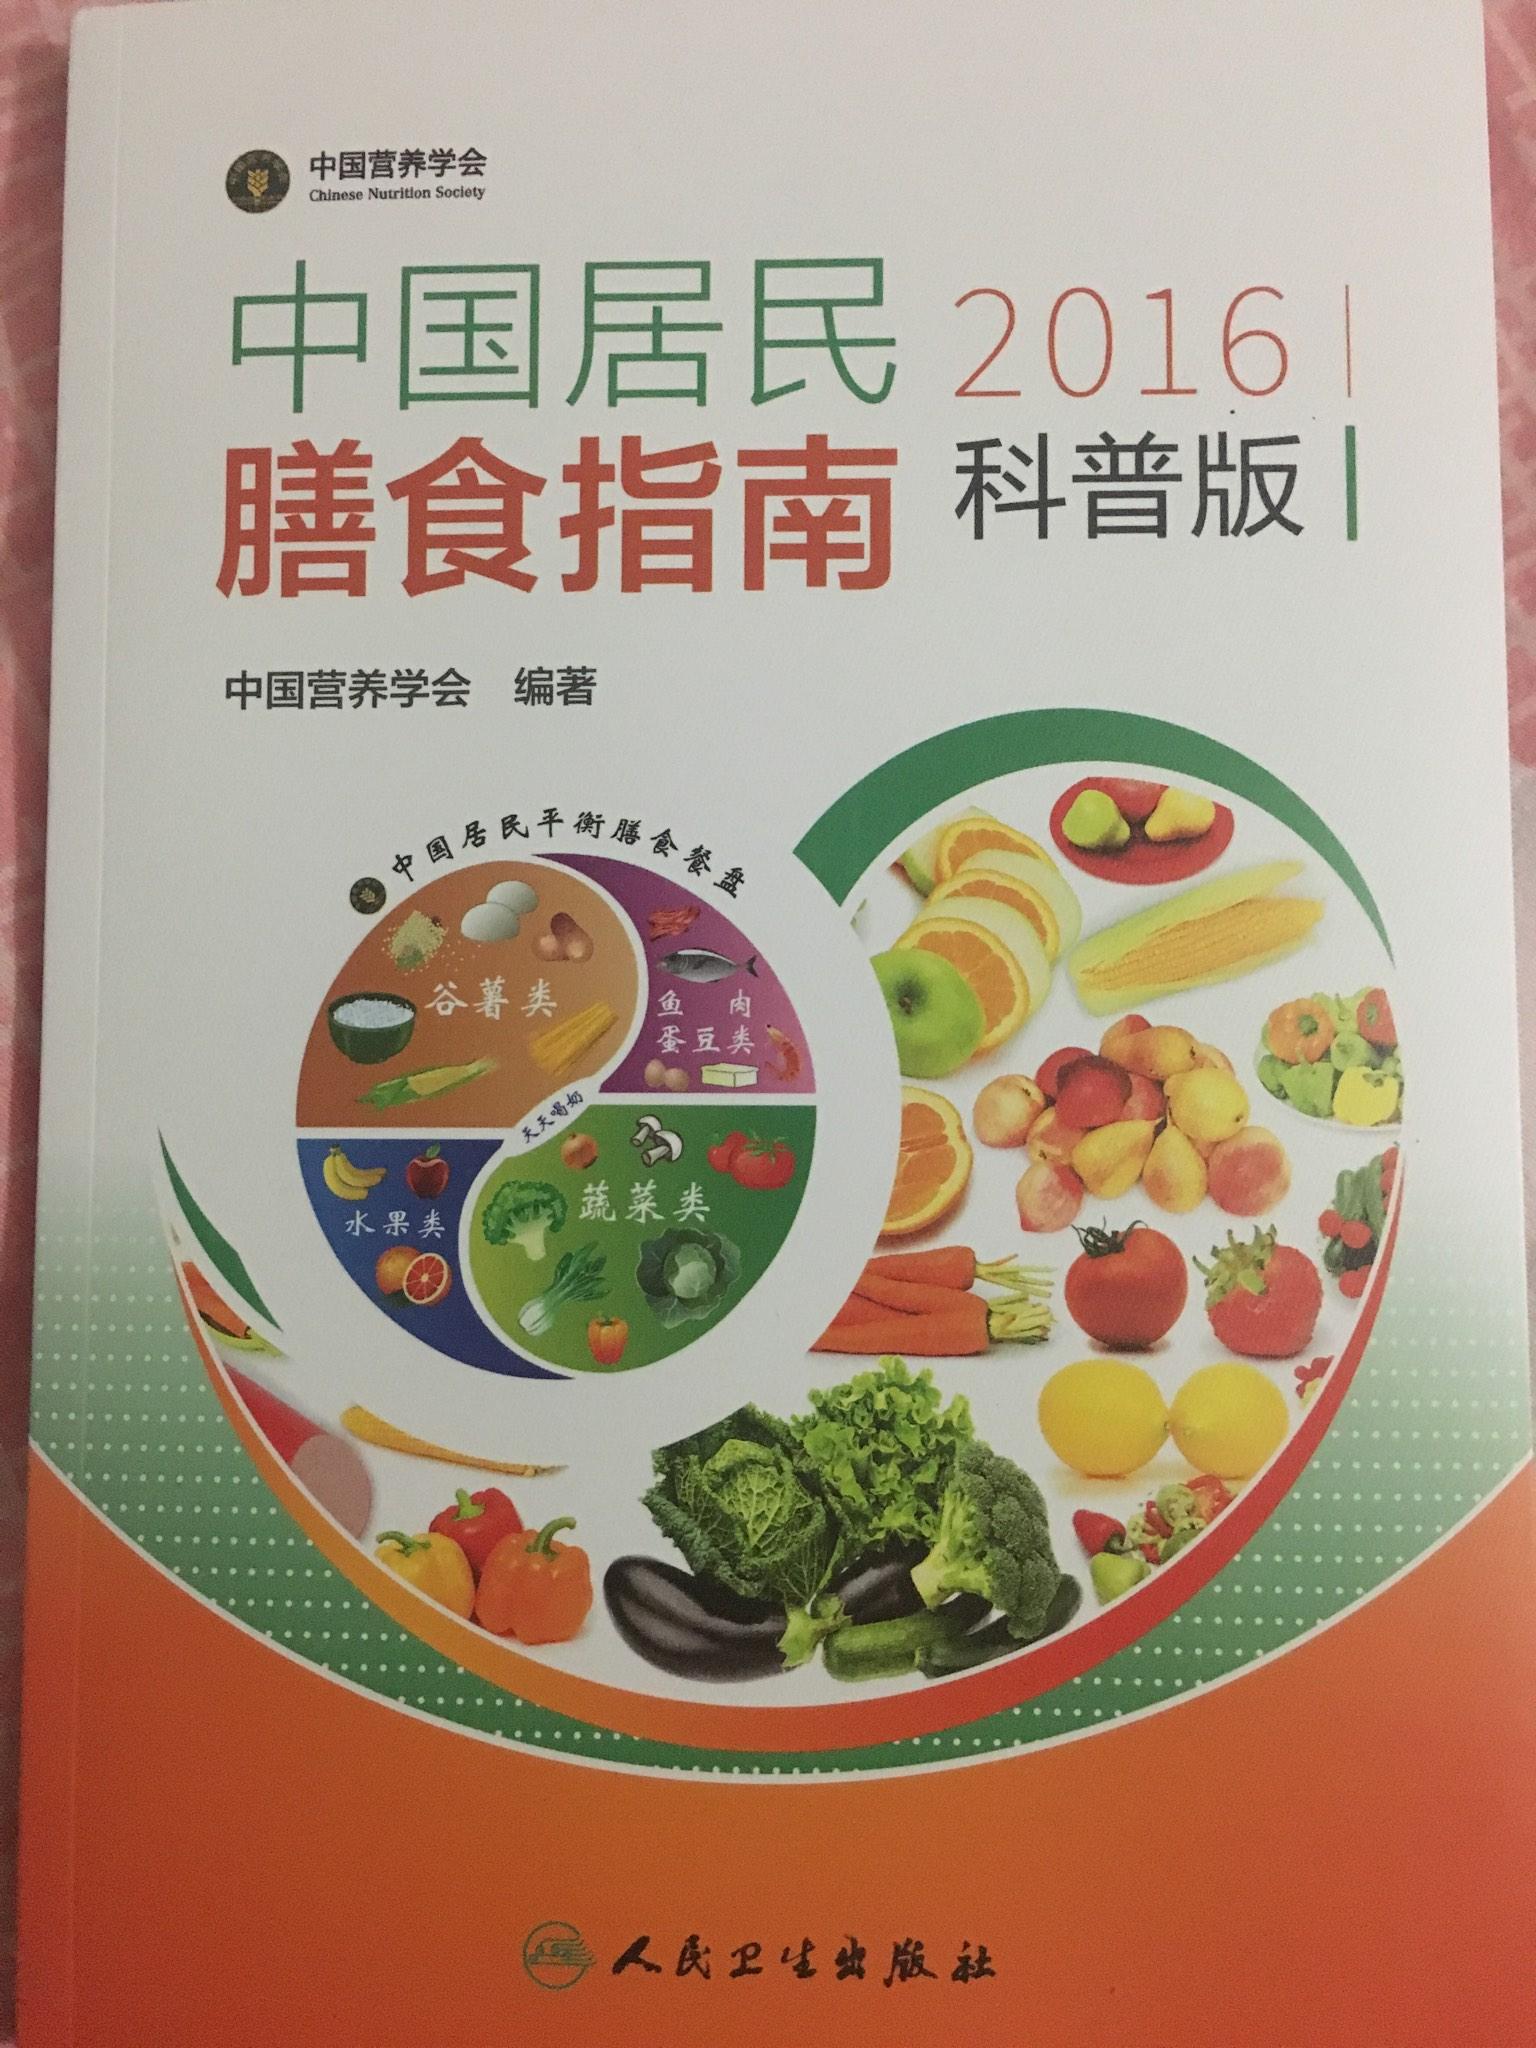 【《中国居民膳食指南》】在线收听